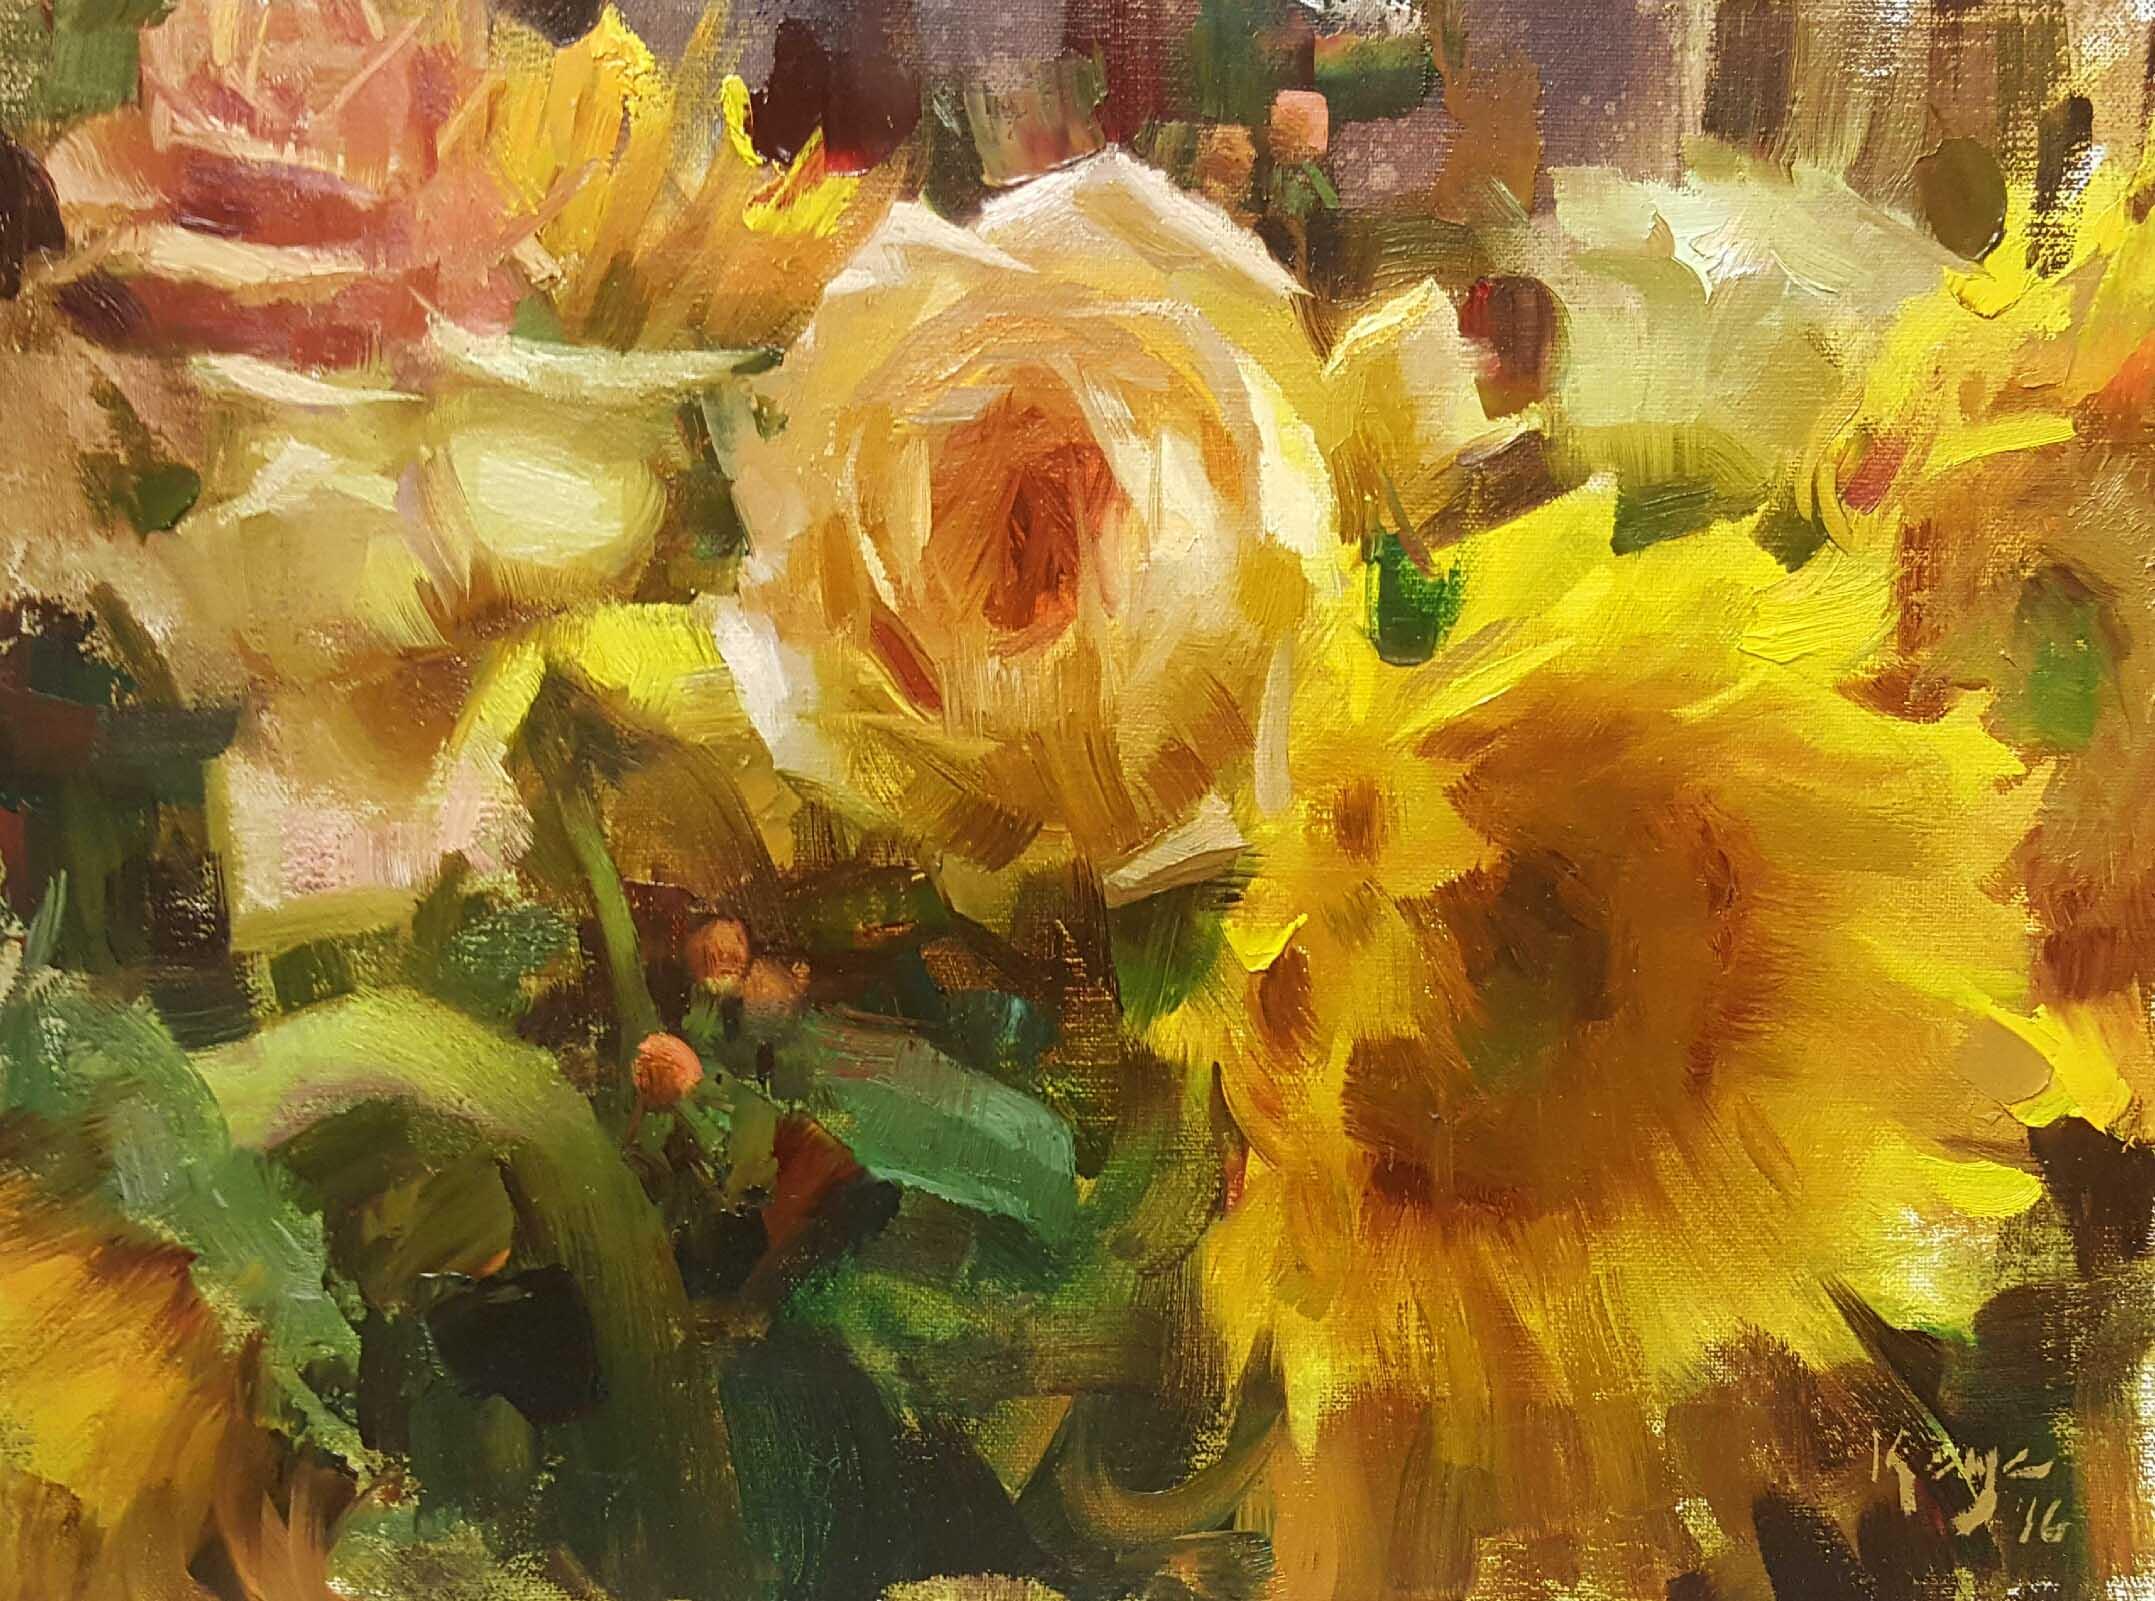 """Daniel Keys - """"Sunflowers and Roses"""" 9 x 12 framed $2000"""